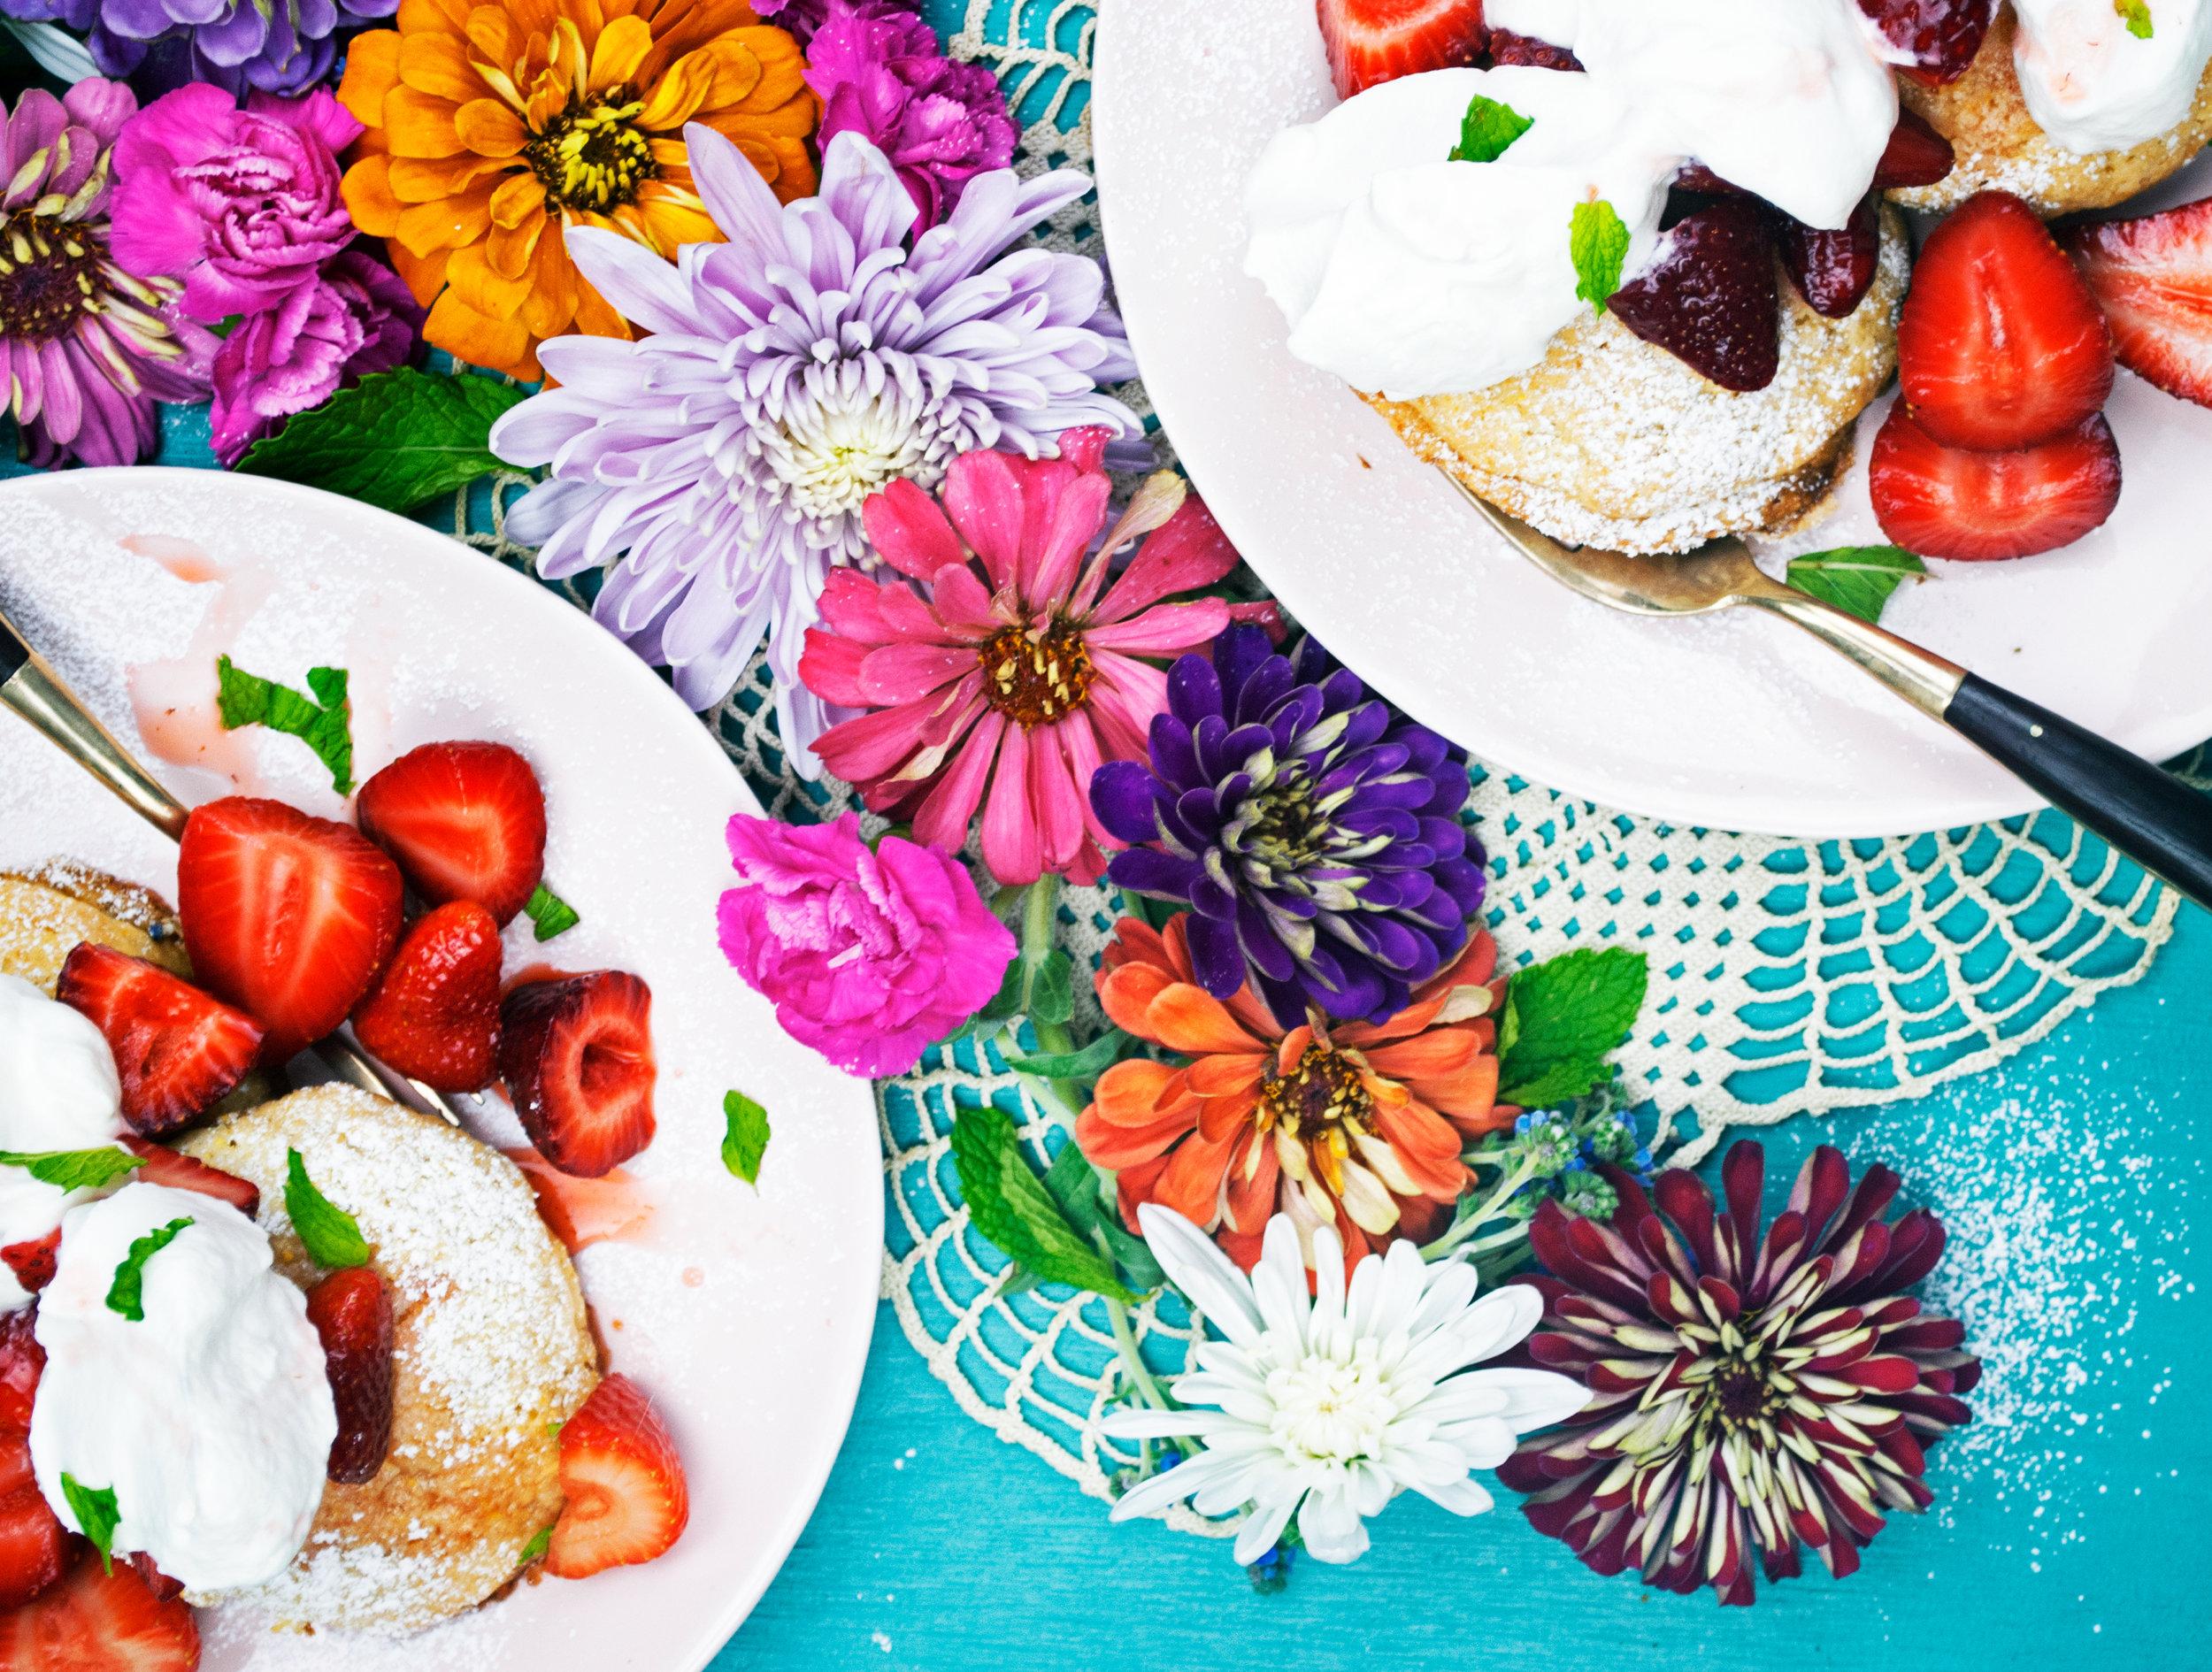 strawberry shortcake 4.jpg